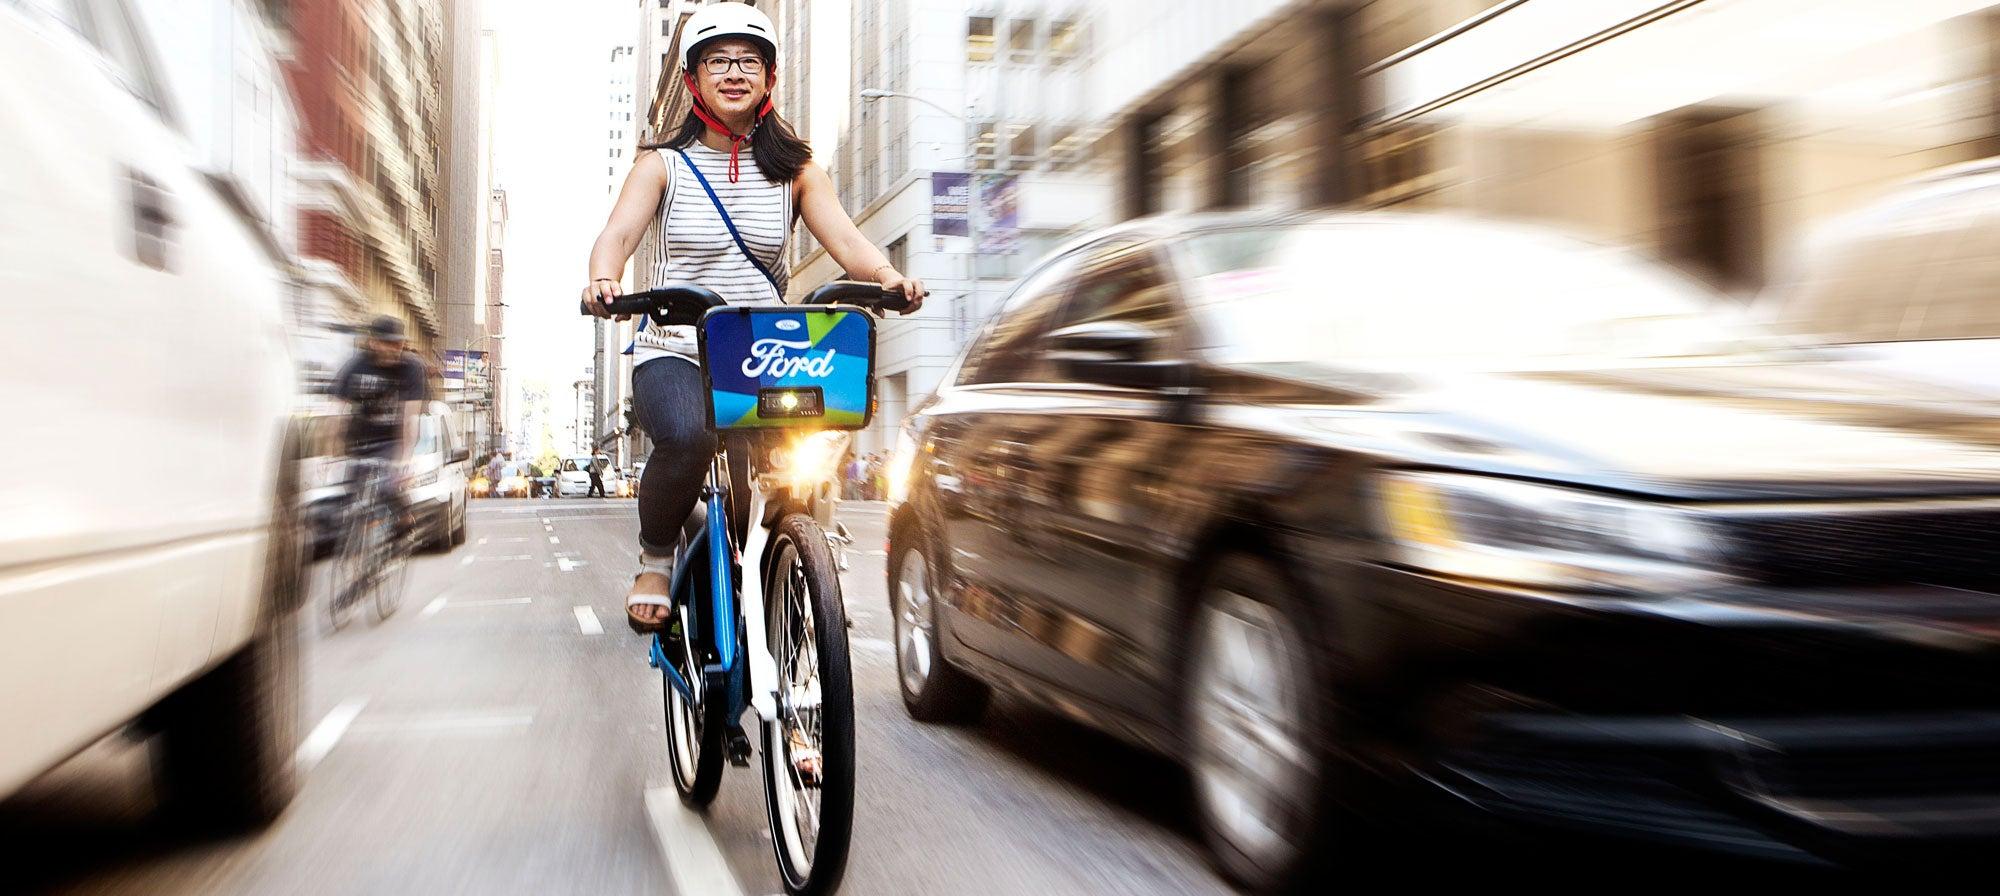 Ford GoBike rider